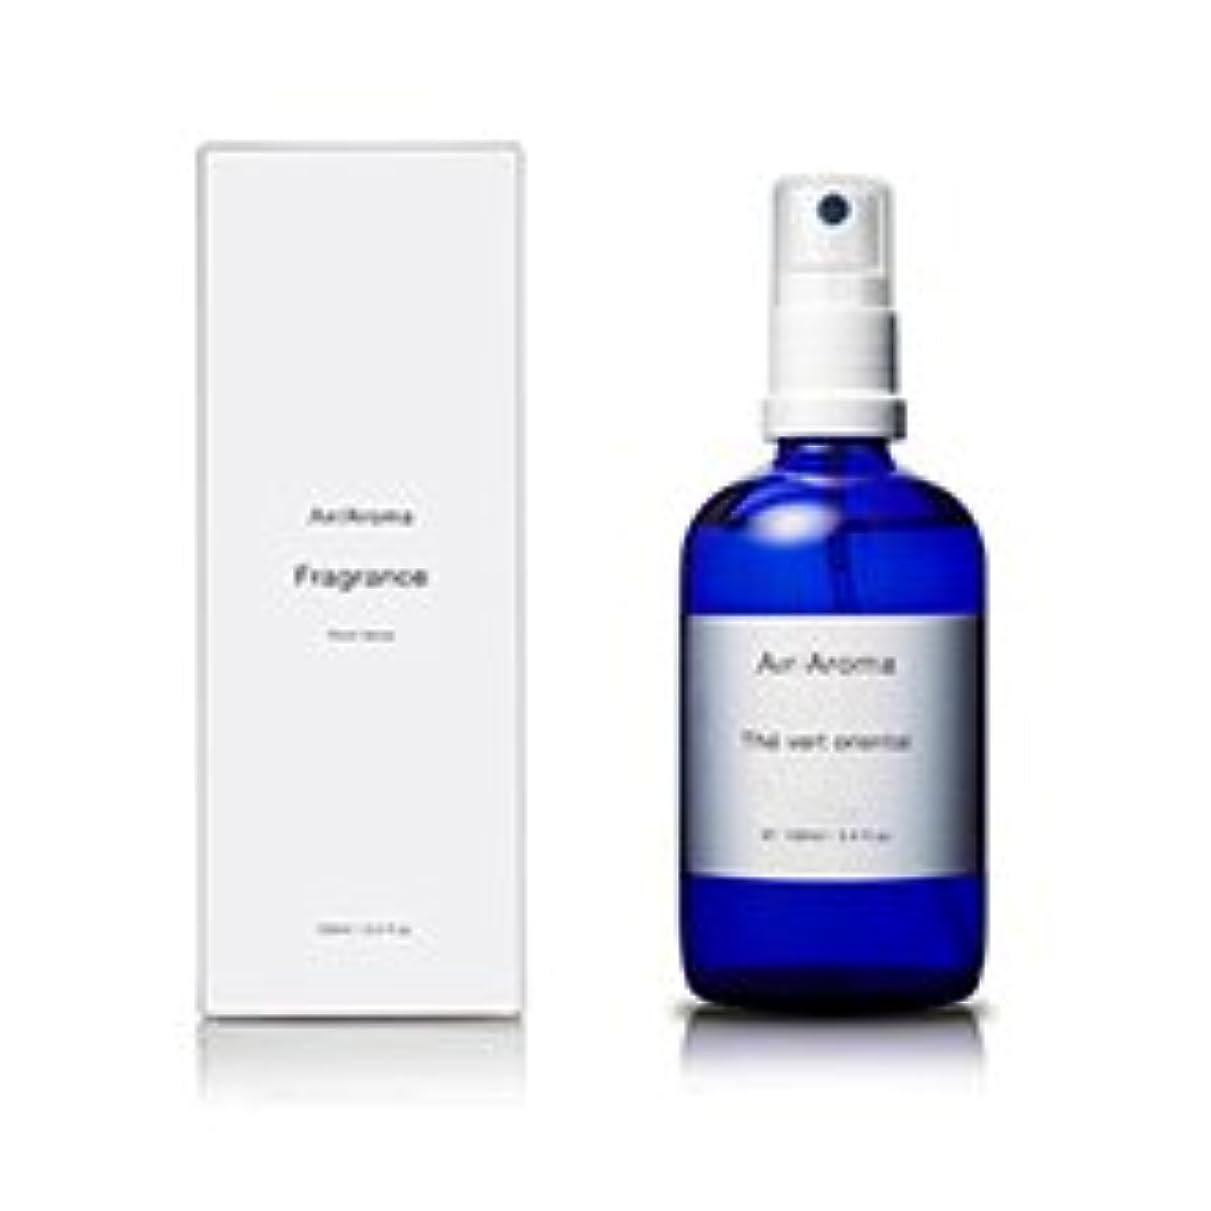 切り離すマイル底エアアロマ the vert oriental room fragrance(テヴェールオリエンタル ルームフレグランス) 100ml